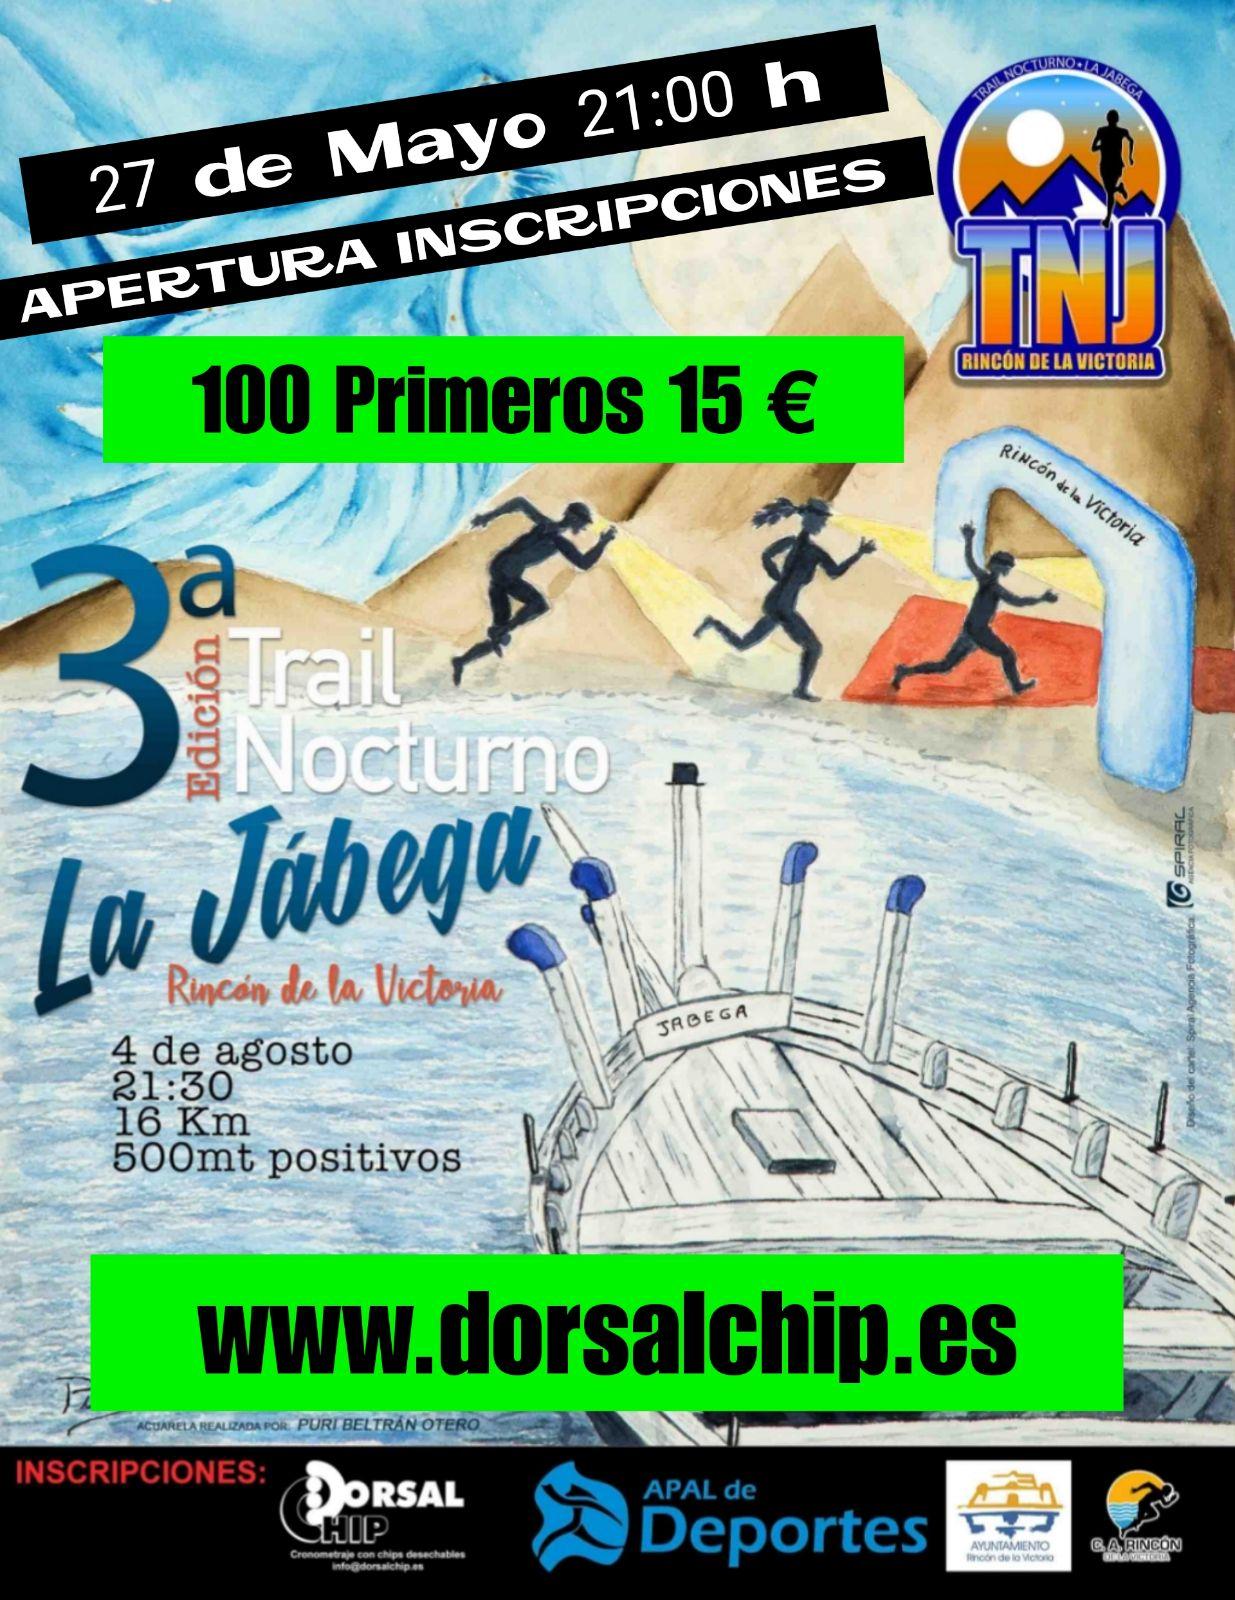 Apertura inscripciones 3ª Trail Nocturno La Jabega